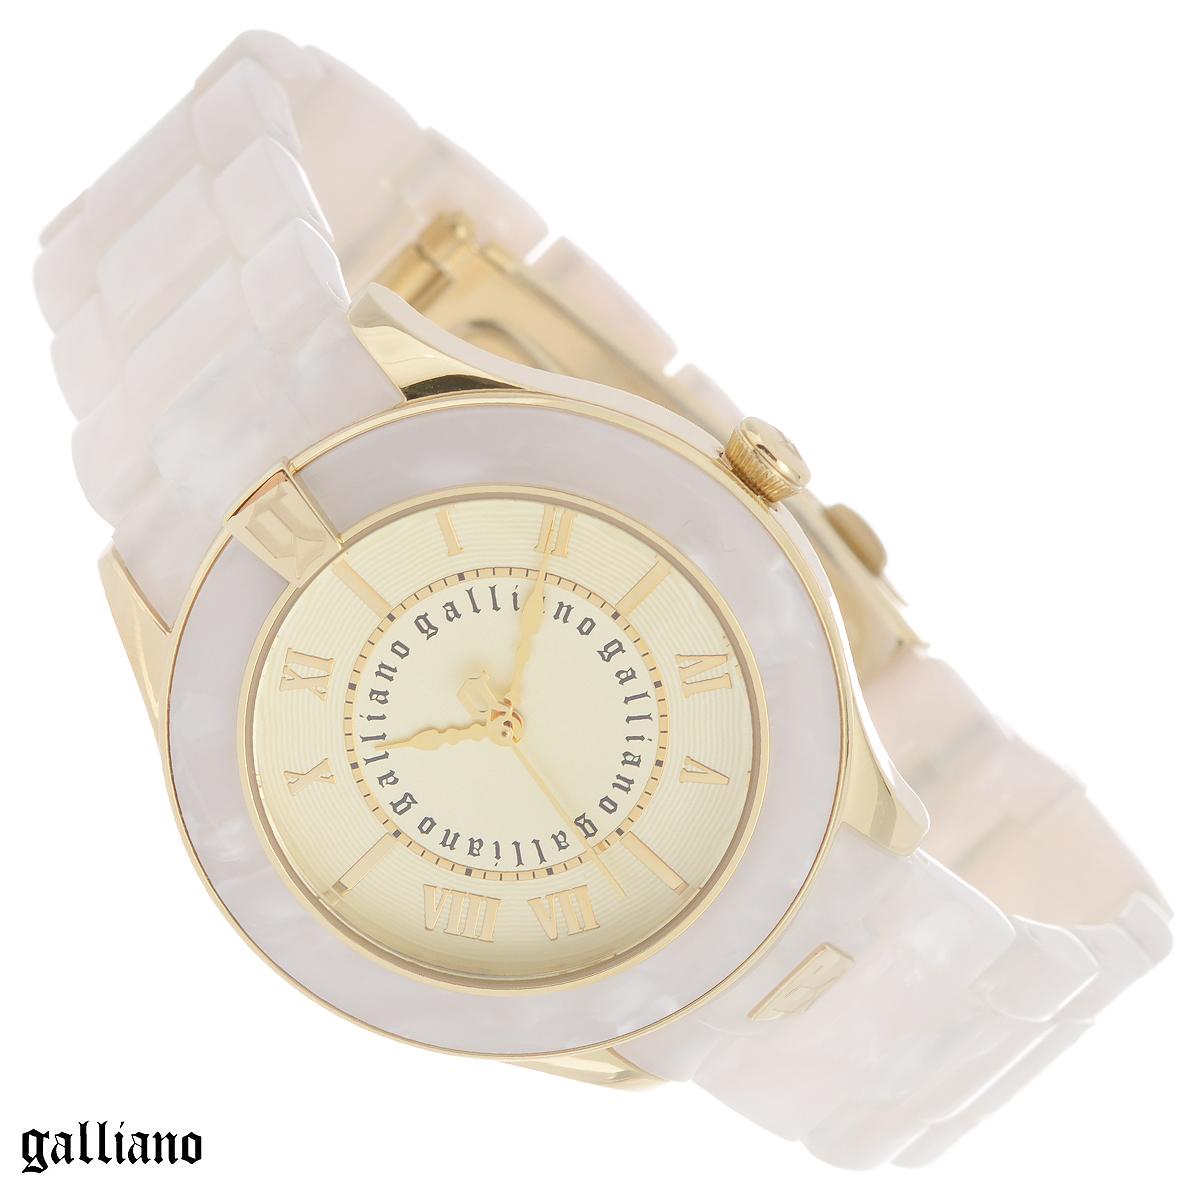 Часы женские наручные Galliano, цвет: белый, золотой. R2553108504R2553108504Наручные женские часы Galliano оснащены кварцевым механизмом. Корпус выполнен из высококачественной нержавеющей стали, безель - из пластика. Циферблат с римскими цифрами защищен минеральным стеклом. Часы имеют три стрелки - часовую, минутную и секундную. Браслет часов выполнен из пластика и оснащен раскладывающейся застежкой. Часы укомплектованы паспортом с подробной инструкцией. Часы Galliano благодаря своему великолепному дизайну и качеству исполнения станут главным акцентом вашего образа. Характеристики: Диаметр циферблата: 2,8 см. Размер корпуса: 3,7 см х 3,7 см х 0,8 см. Длина браслета (с корпусом): 27 см. Ширина браслета: 1,7 см.